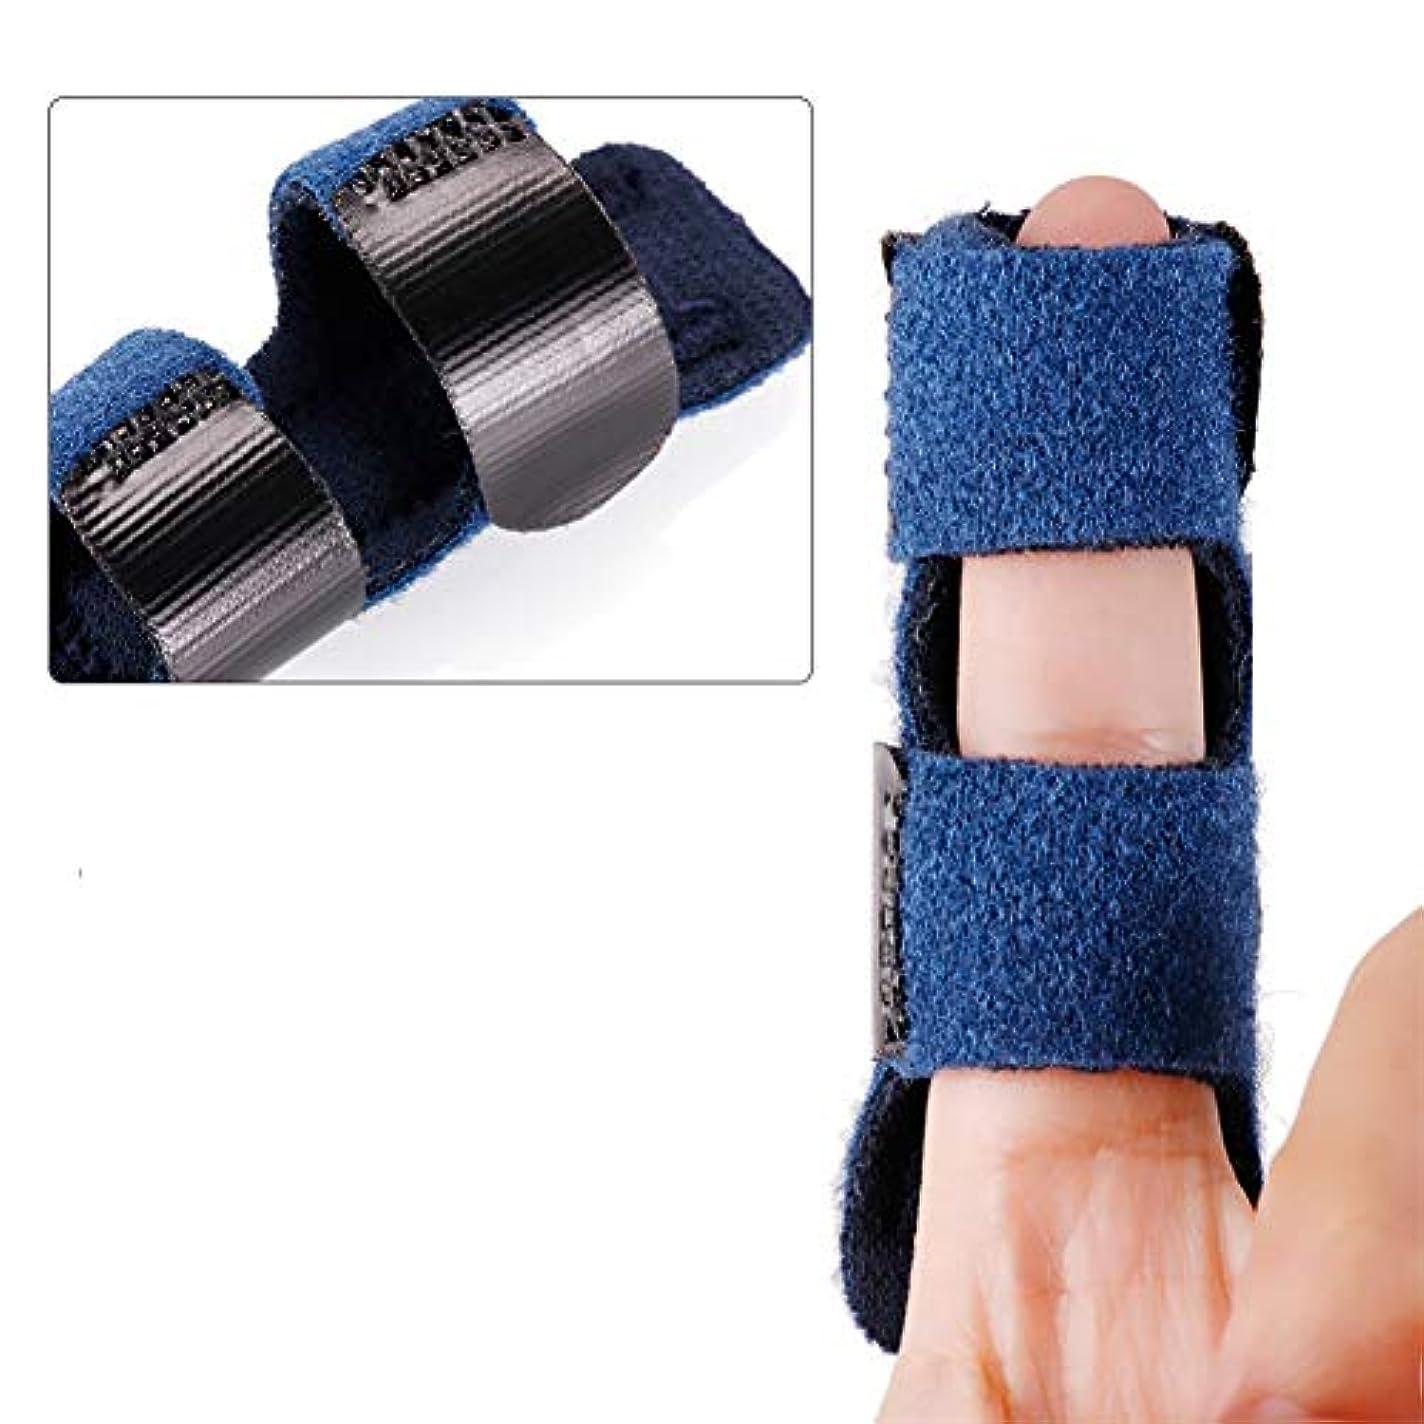 タバコ滑り台司令官指サポーター ばね指サポーター バネ指 腱鞘炎 指保護 固定 調整自在 左右兼用 フリーサイズ